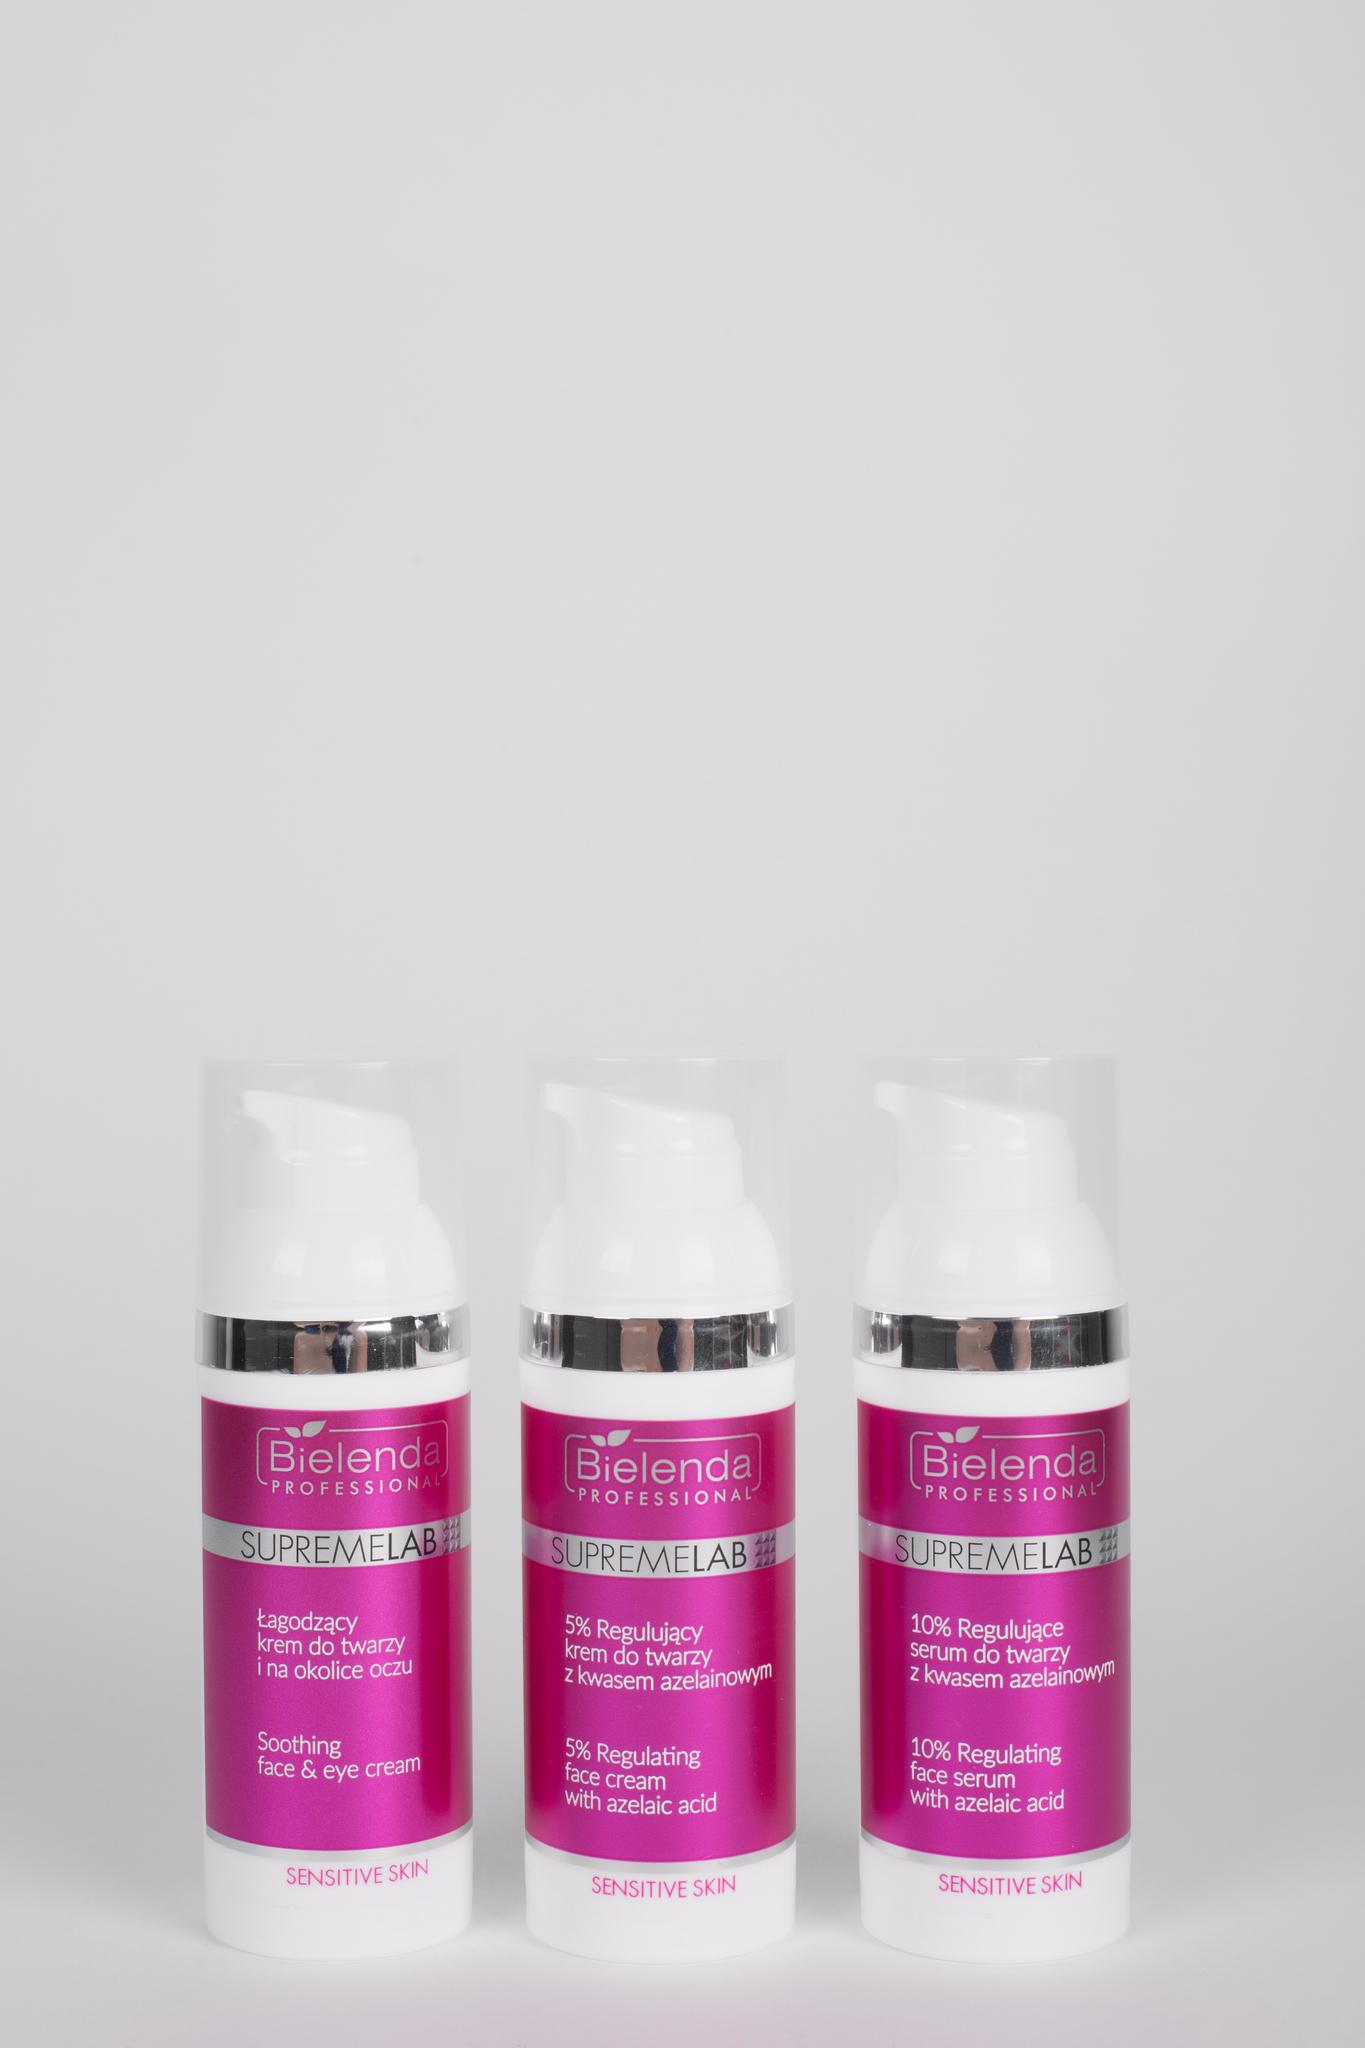 SENSITIVE SKIN 10% Регулирующая сыворотка для лица с азелаиновой кислотой, 50 мл